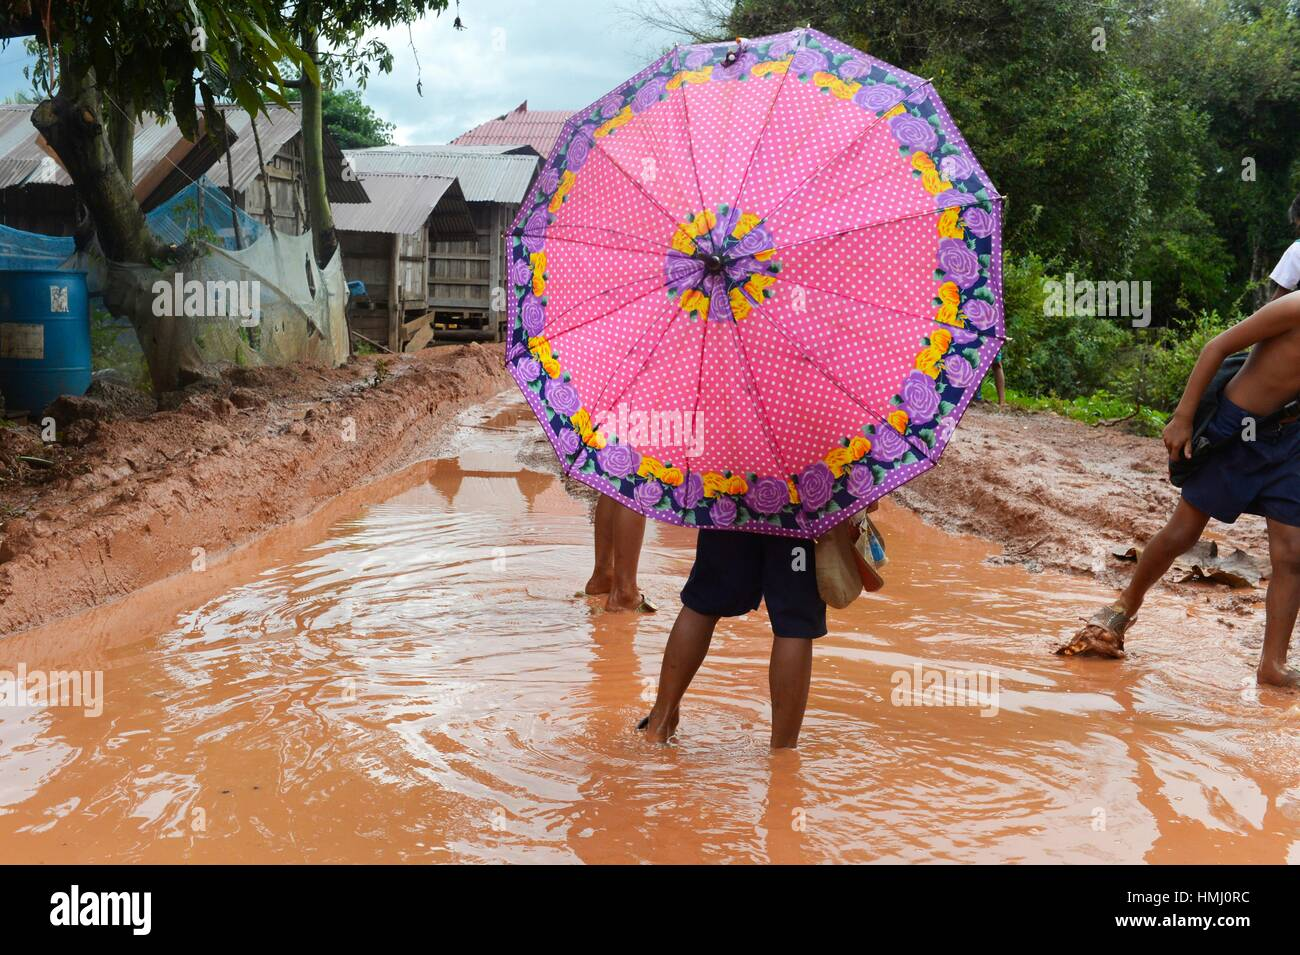 El río Mekong en Don Khon, Laos, Sudeste de Asia. Imagen De Stock